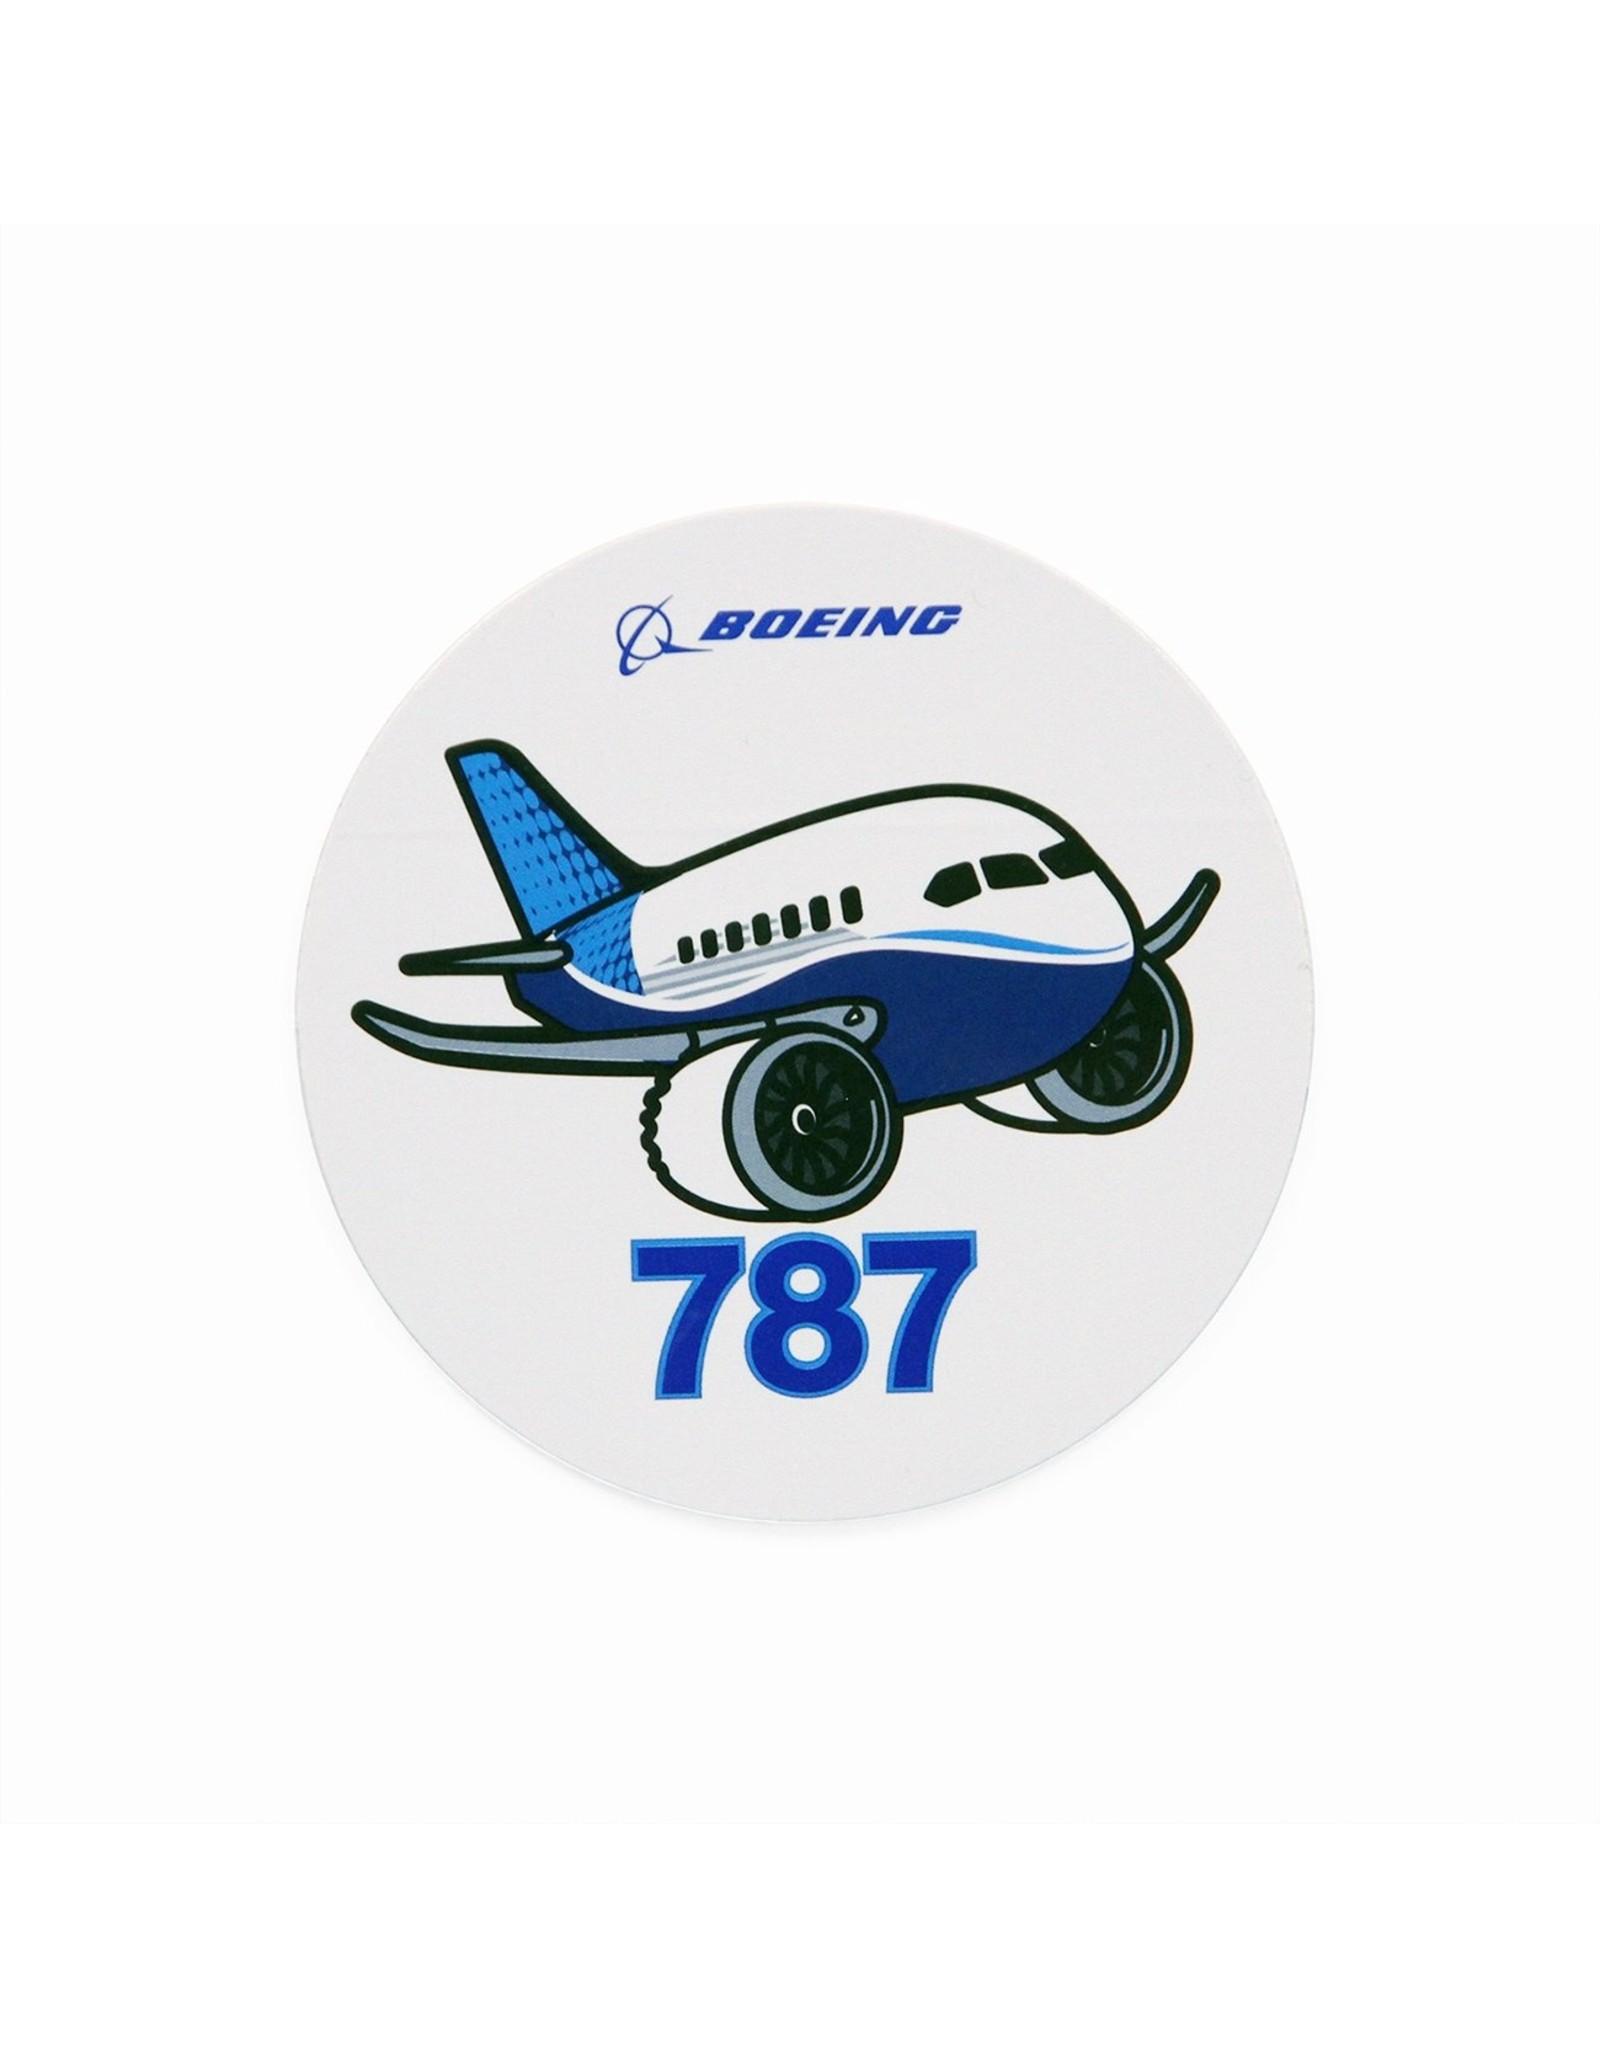 Boeing Sticker 787 Pudgy